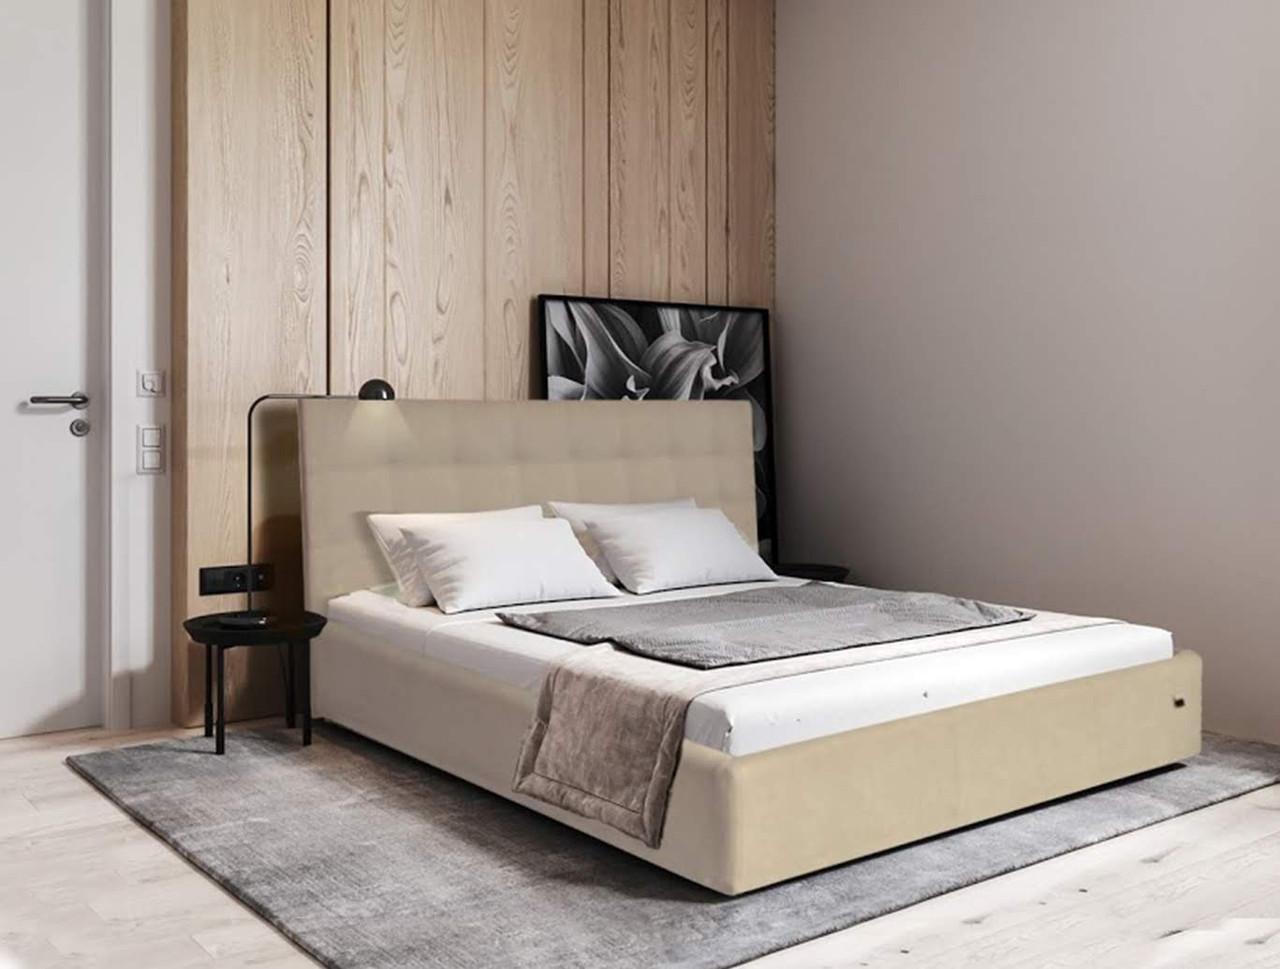 Кровать Richman Честер 140 х 190 см Флай 2207 Бежевая